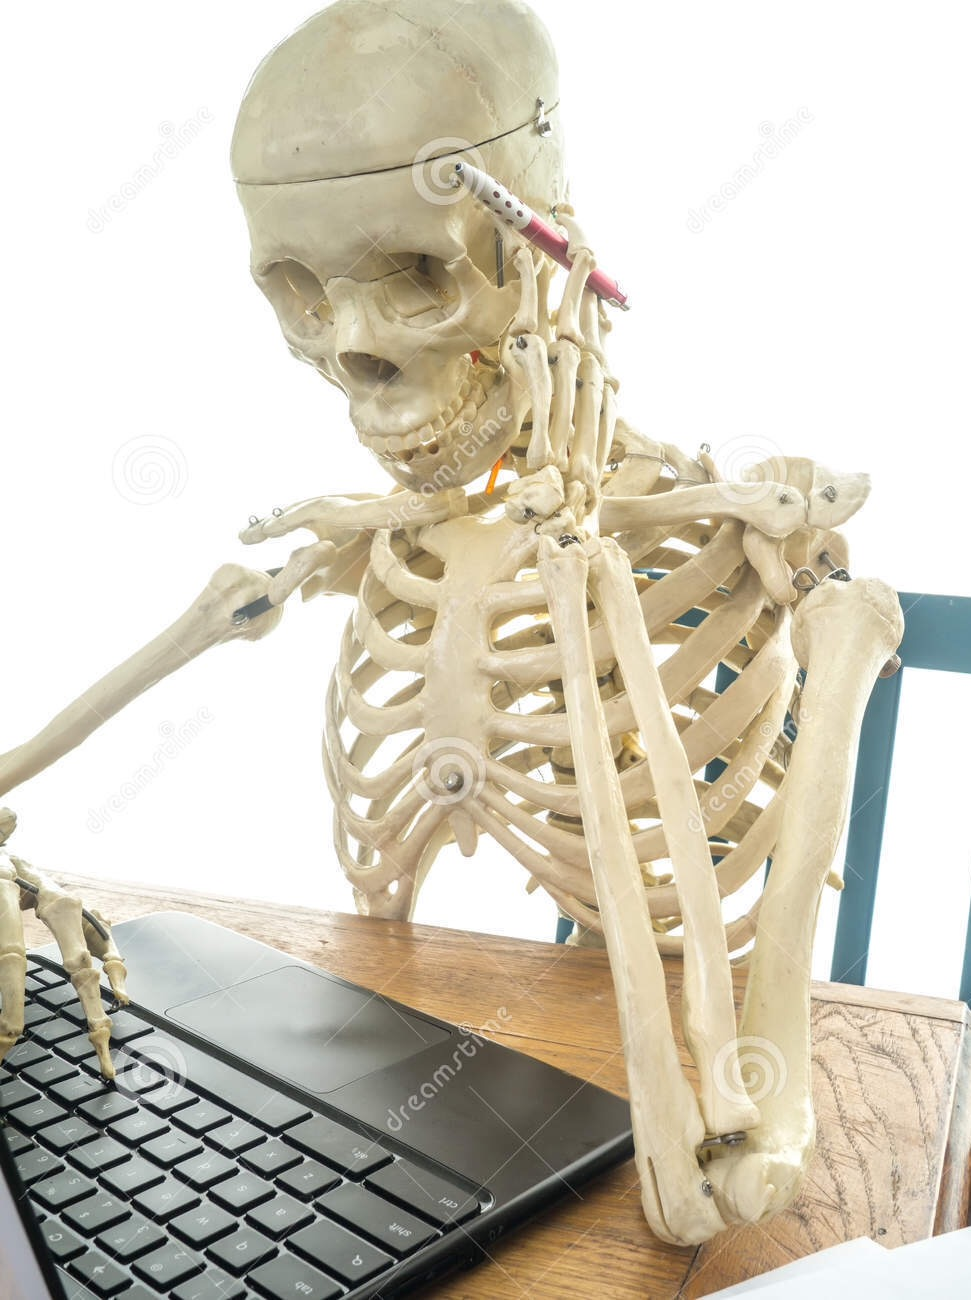 Skeleton Waiting At Computer